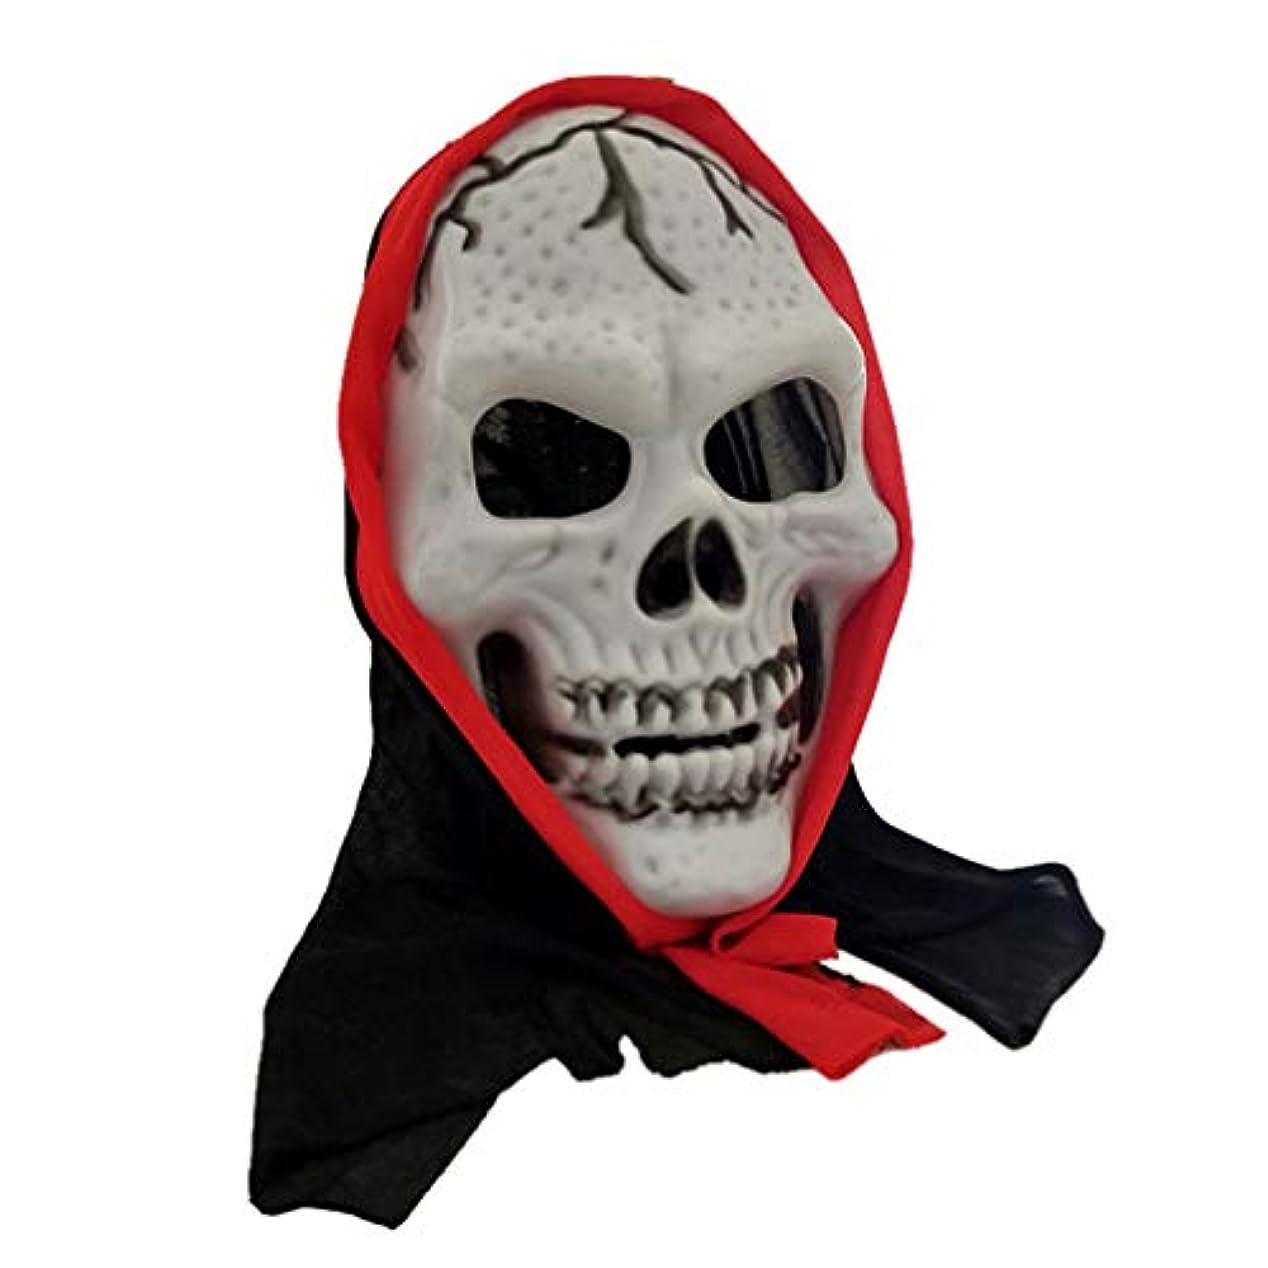 敵対的呼び出す考えるVosarea ハロウィン怖いスケルトンスカルマスク衣装小道具ドレスアップアクセサリー用パーティーカーニバル2ピース